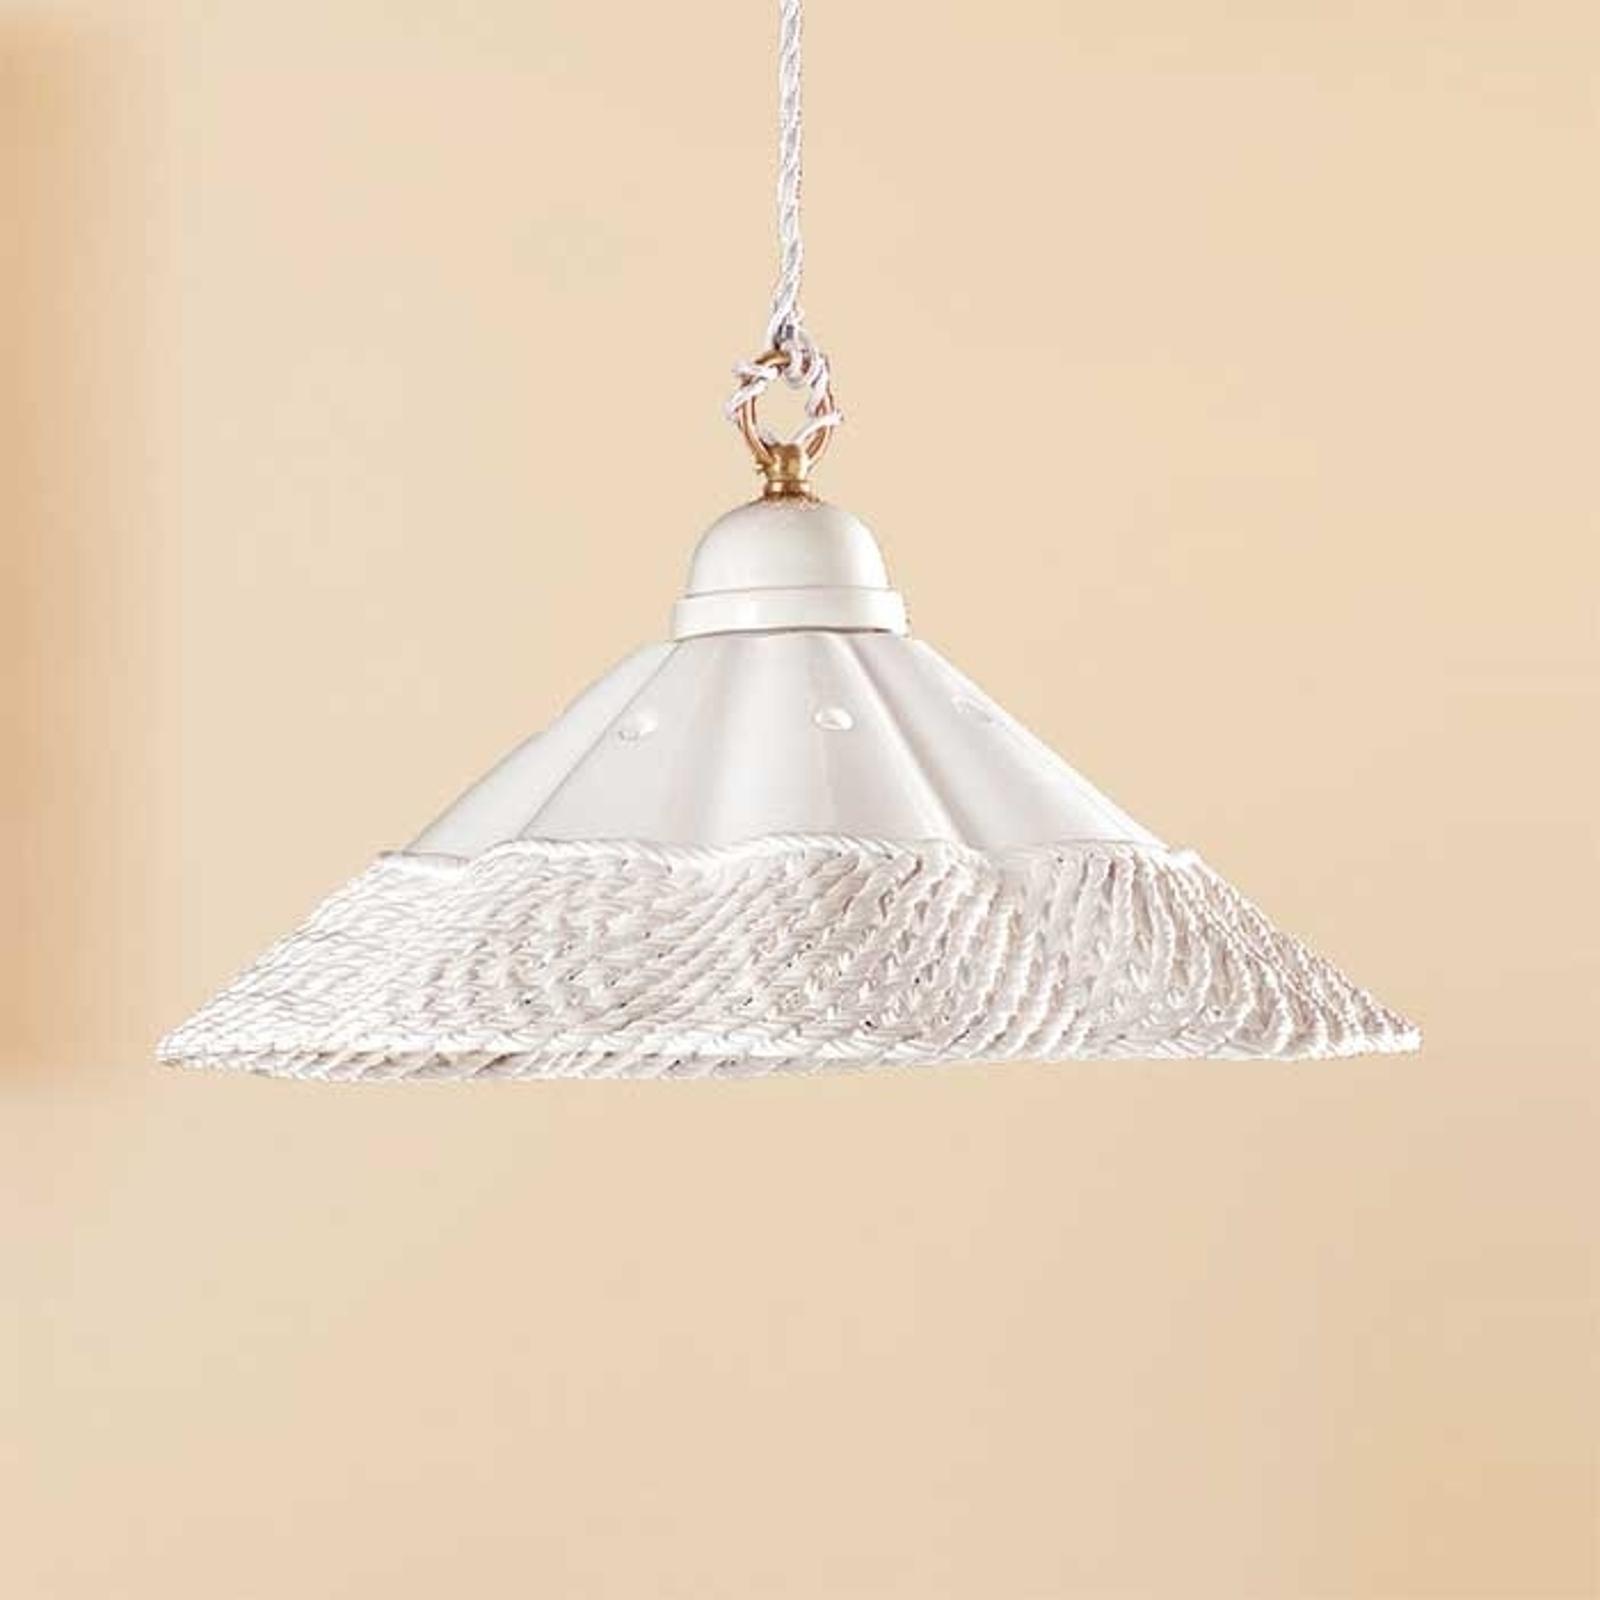 Hængelampe GONNELLA med ornamentbånd